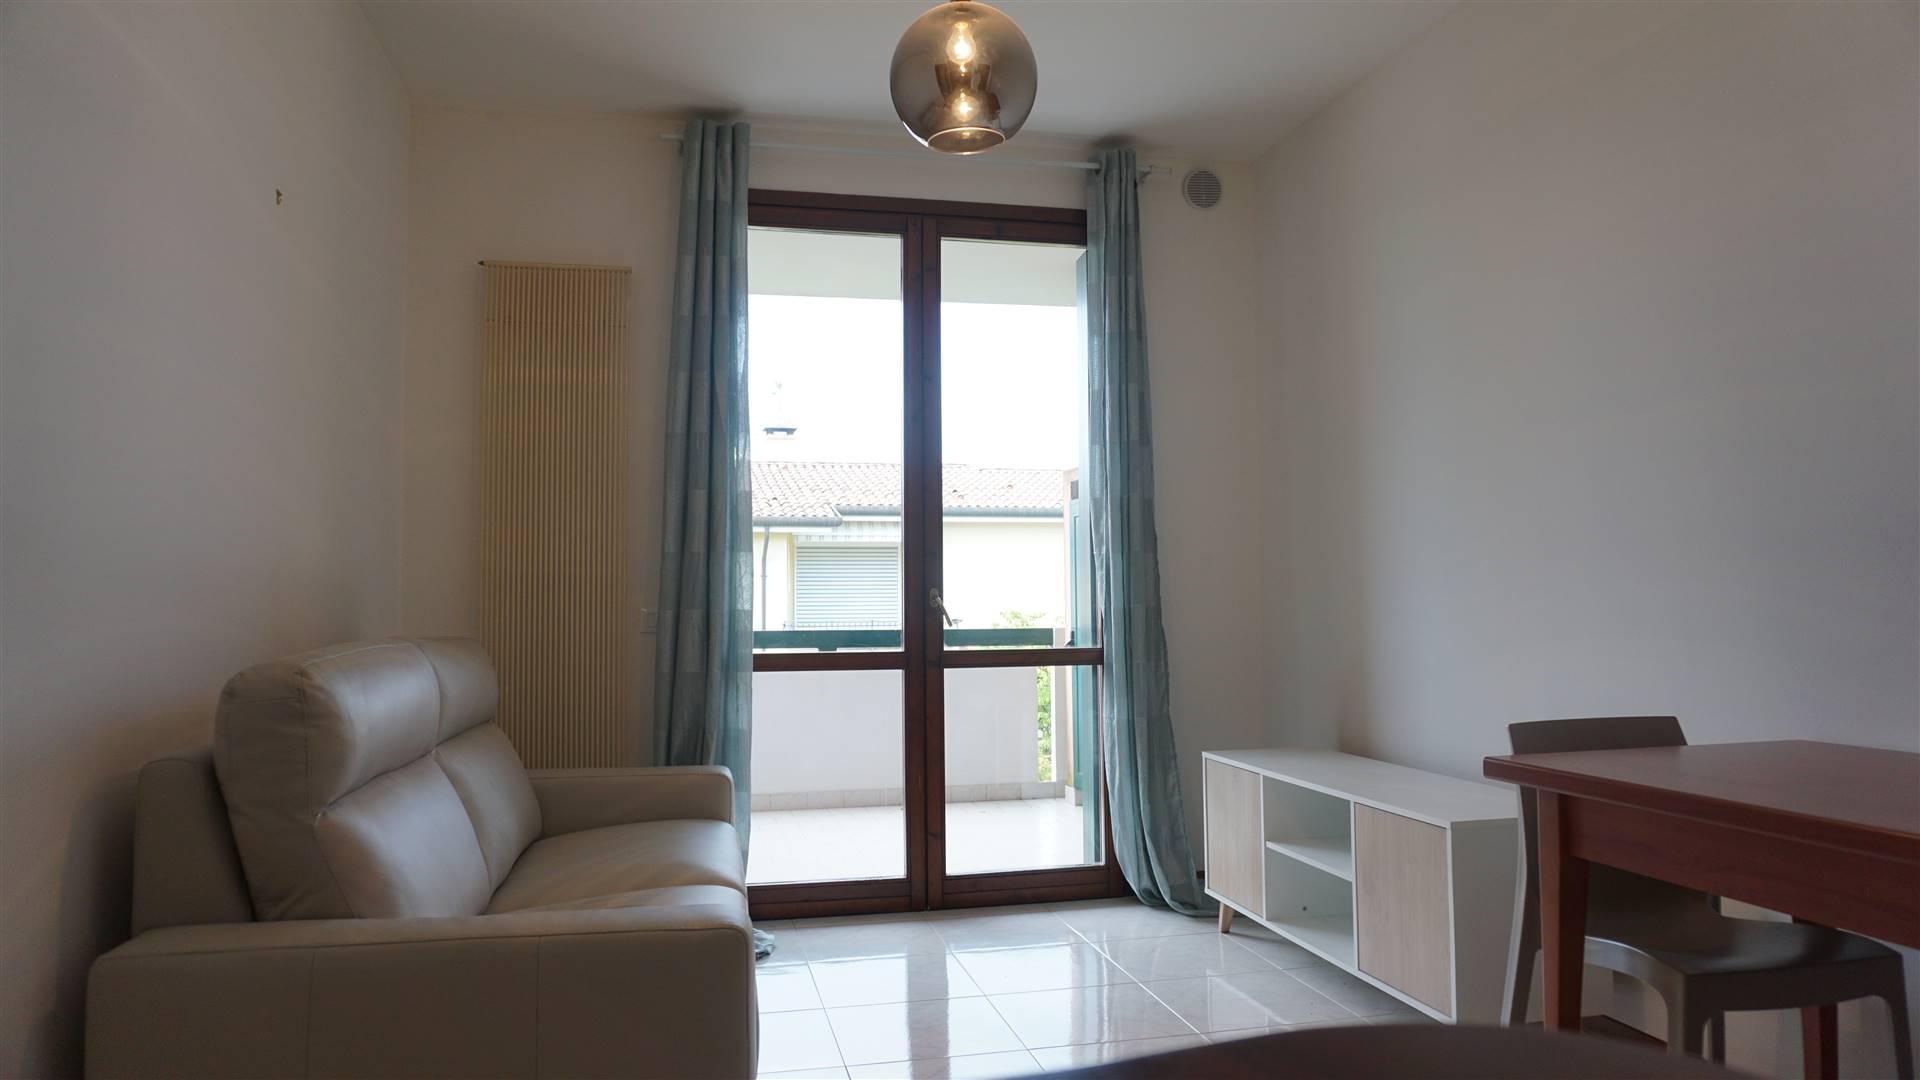 Appartamento in affitto a Casale sul Sile, 4 locali, prezzo € 550 | CambioCasa.it